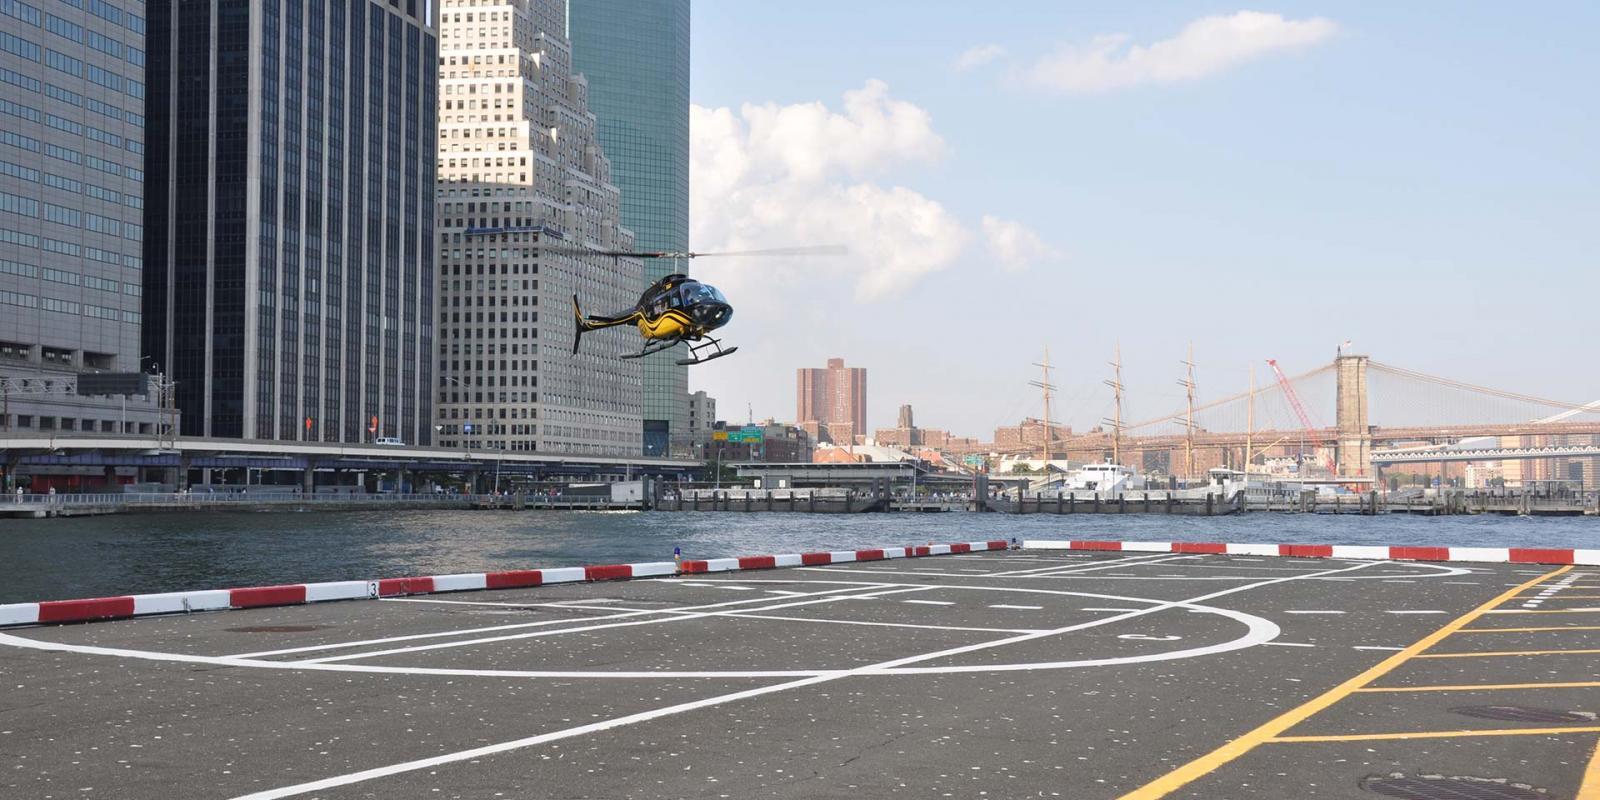 Die beste Helikoptertour in New York: Vergleich, Angebote & Video 2019 •